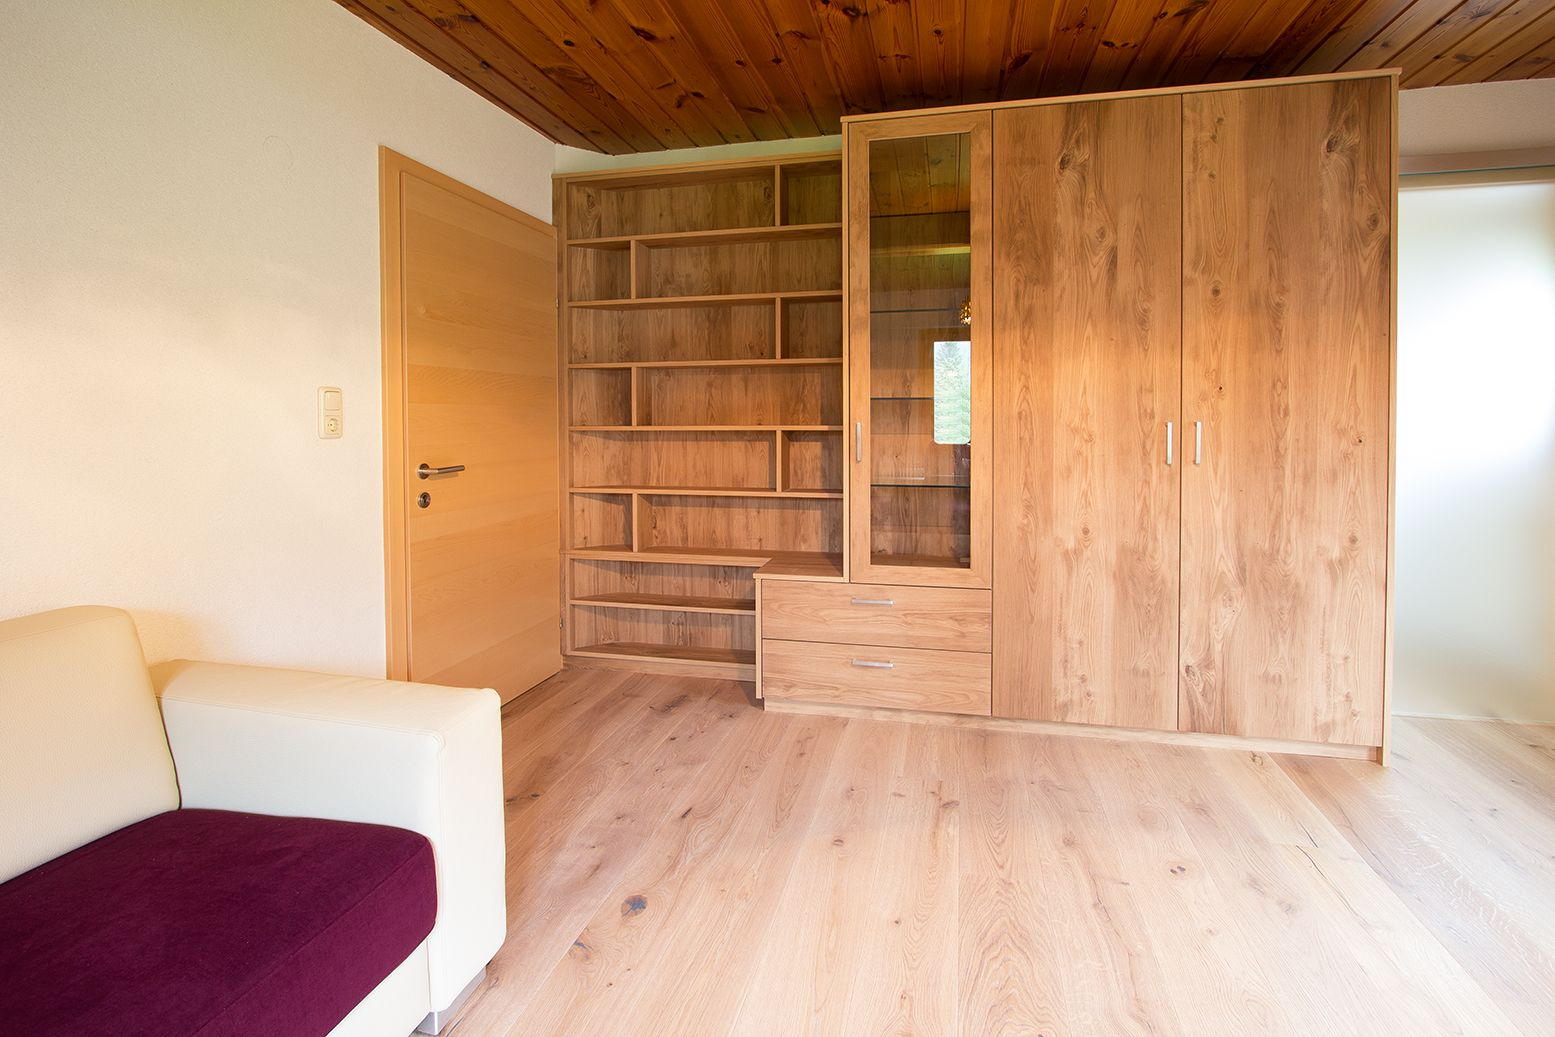 wohnwand mit b cherregal in eiche antik boden in eiche. Black Bedroom Furniture Sets. Home Design Ideas